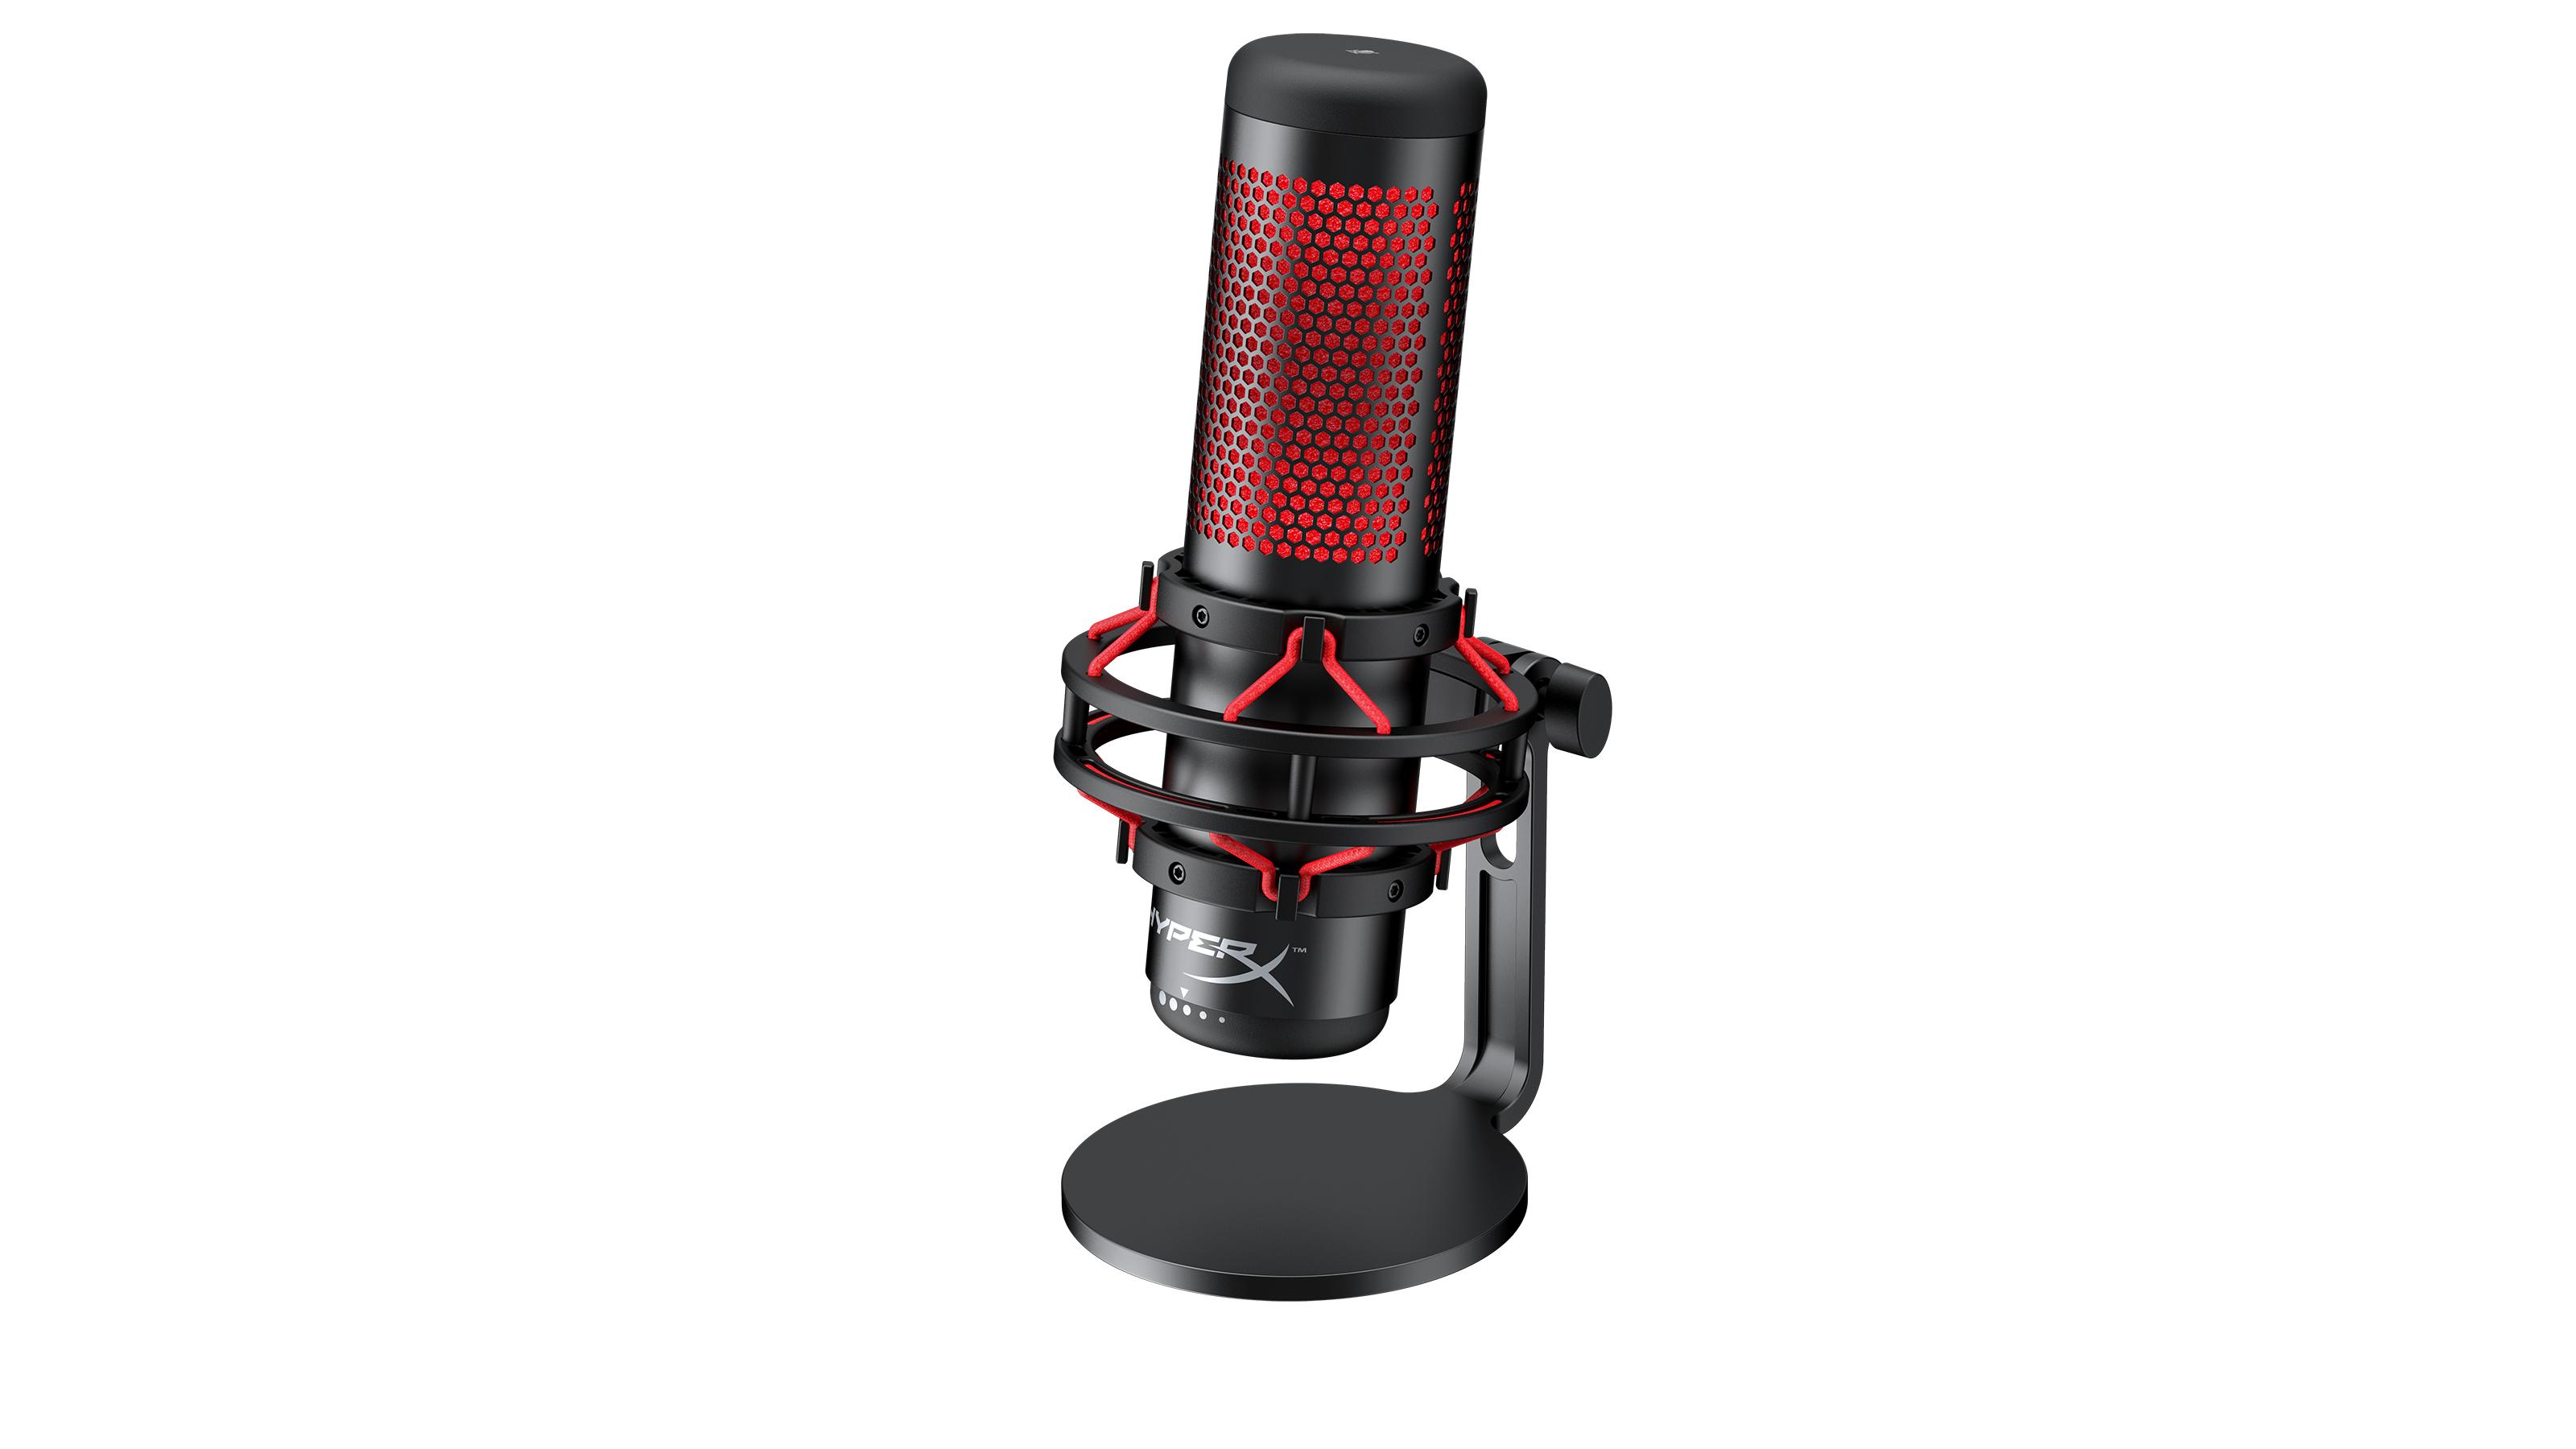 HyperX | Empresa lança no Brasil seu primeiro microfone 'HyperX Quadcast'